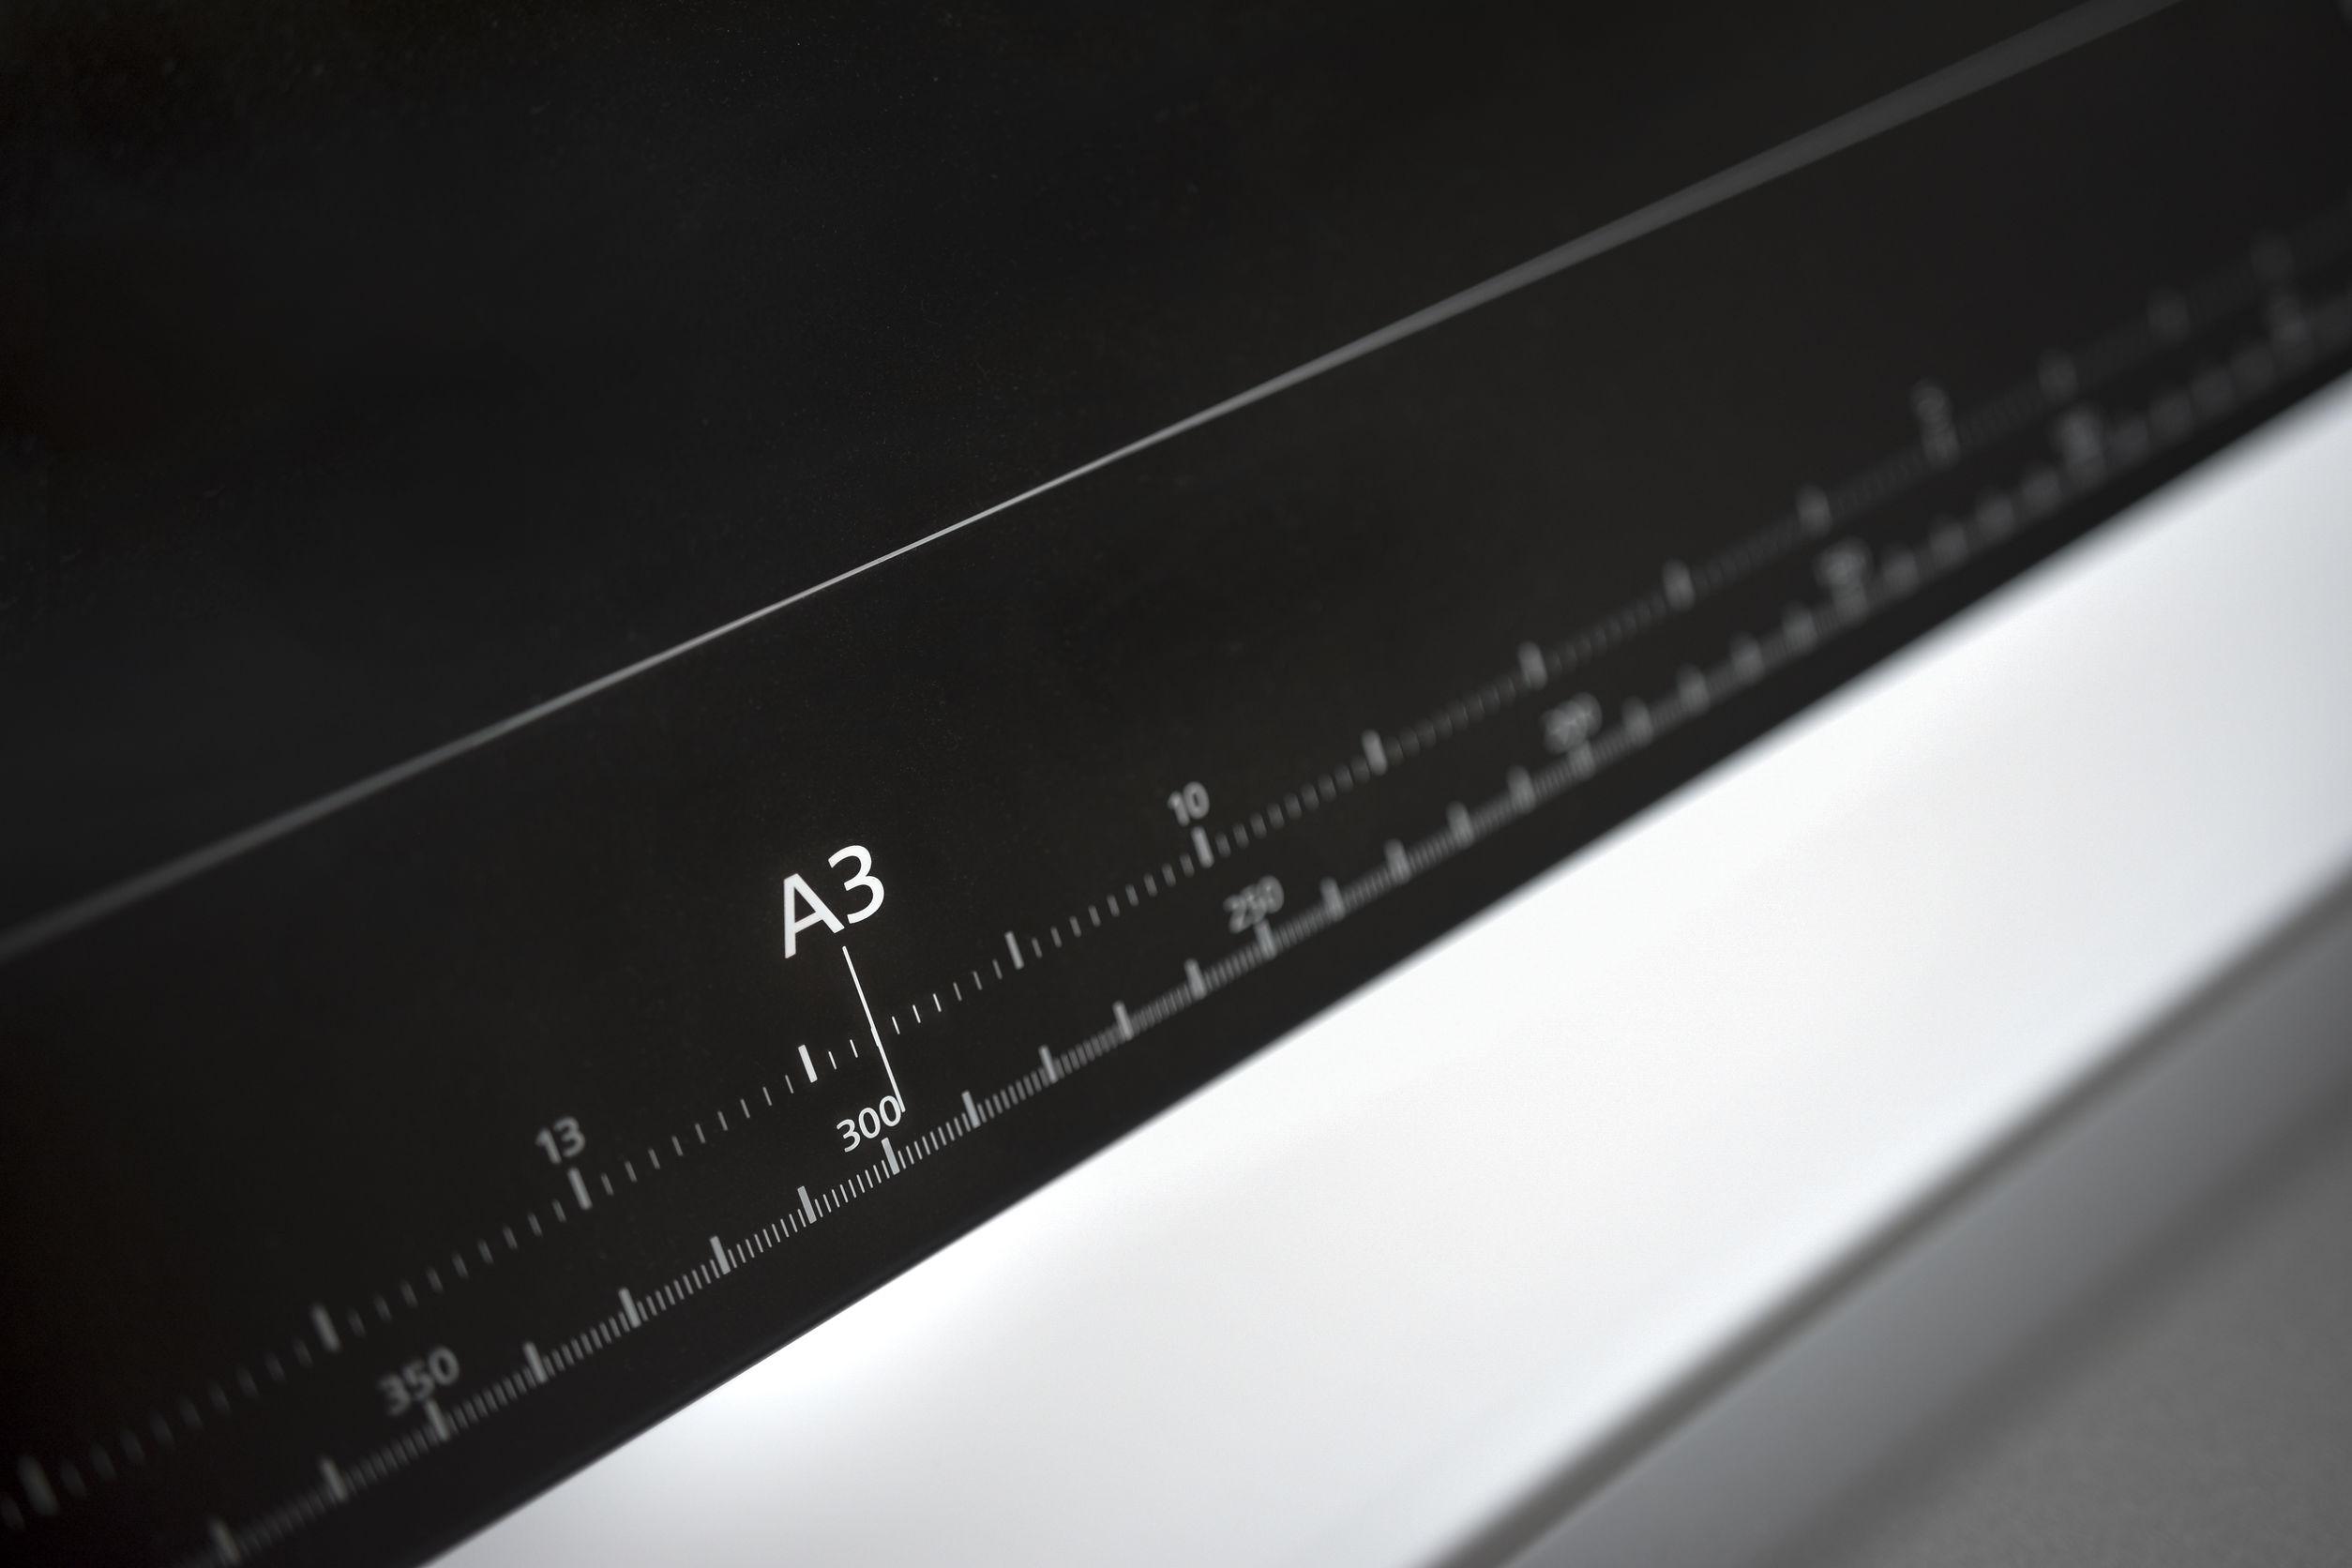 Imagem mostra uma impressora A3 em foco.